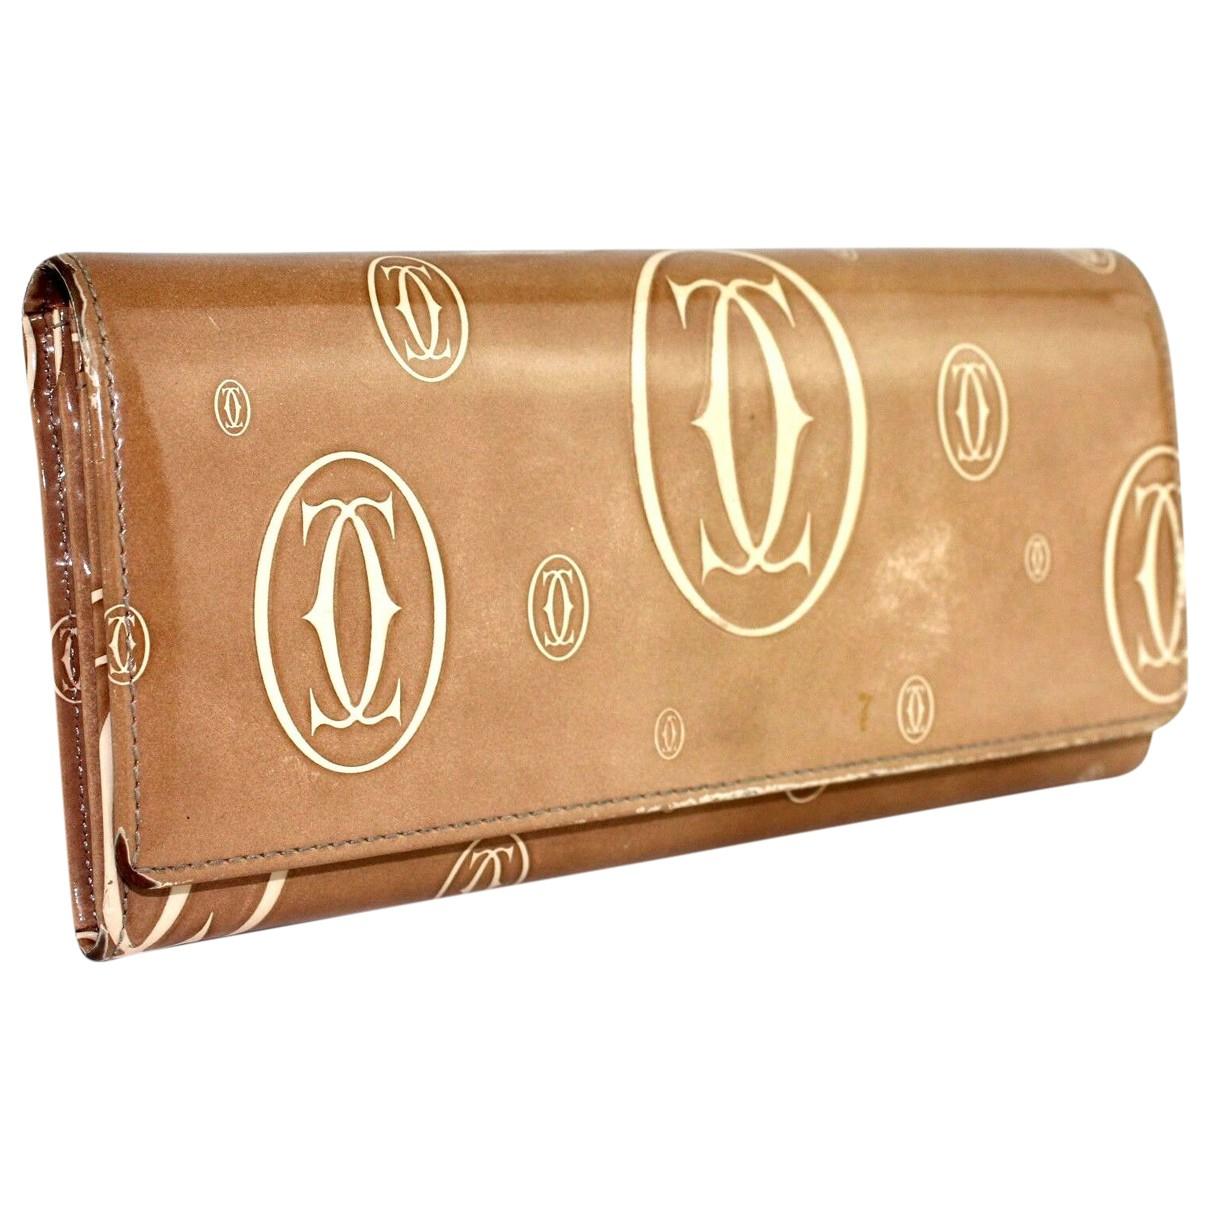 Cartier - Portefeuille   pour femme en cuir verni - camel